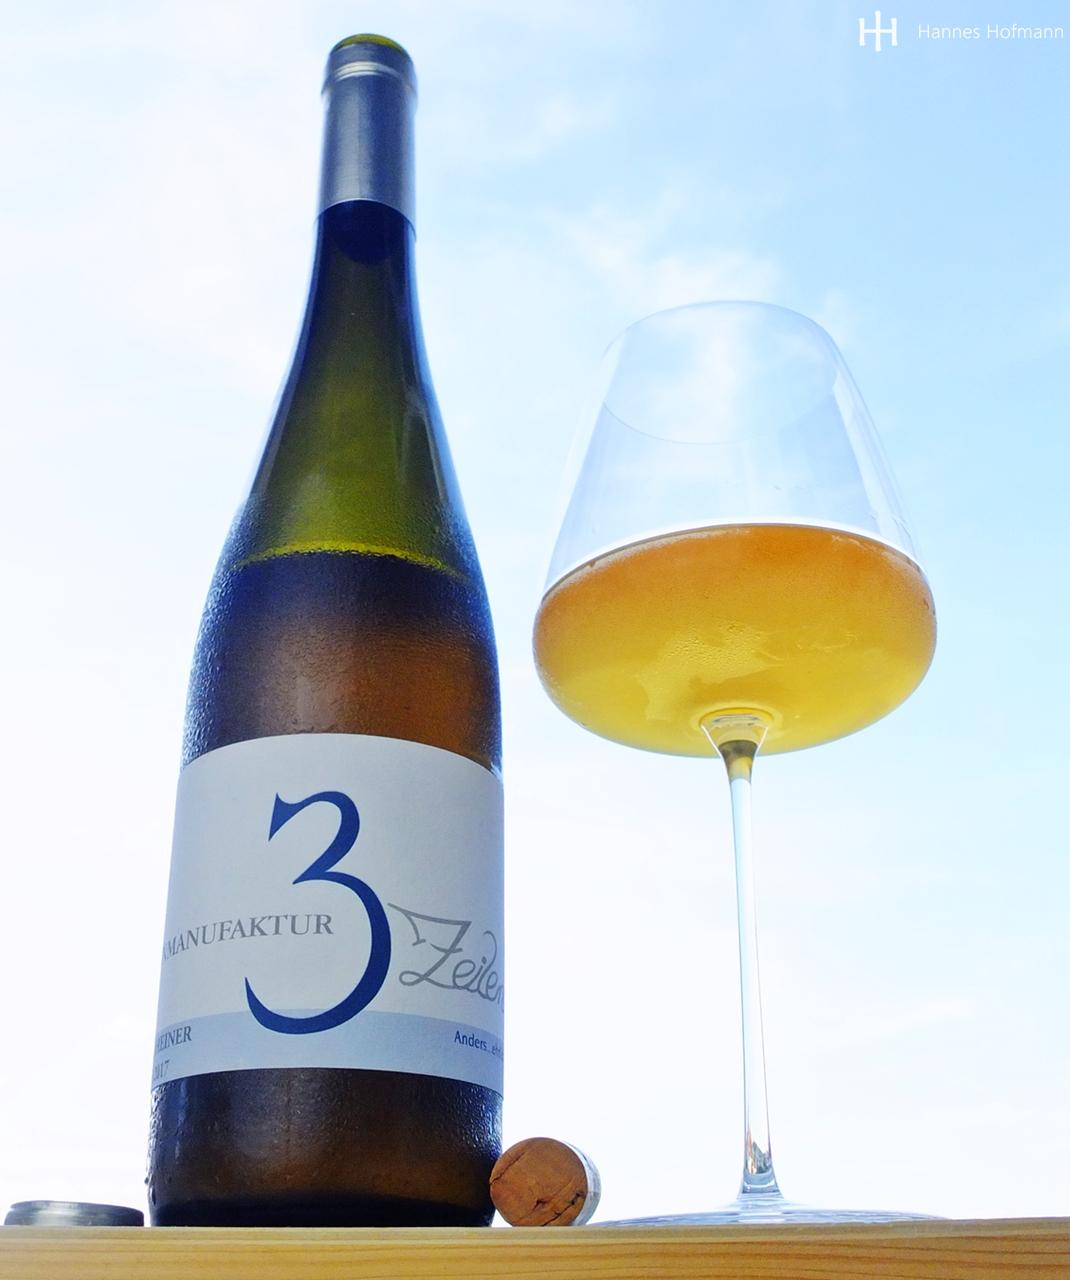 Onkel Heiner Seiner 2017 - 3 Zeilen Weinmanufaktur